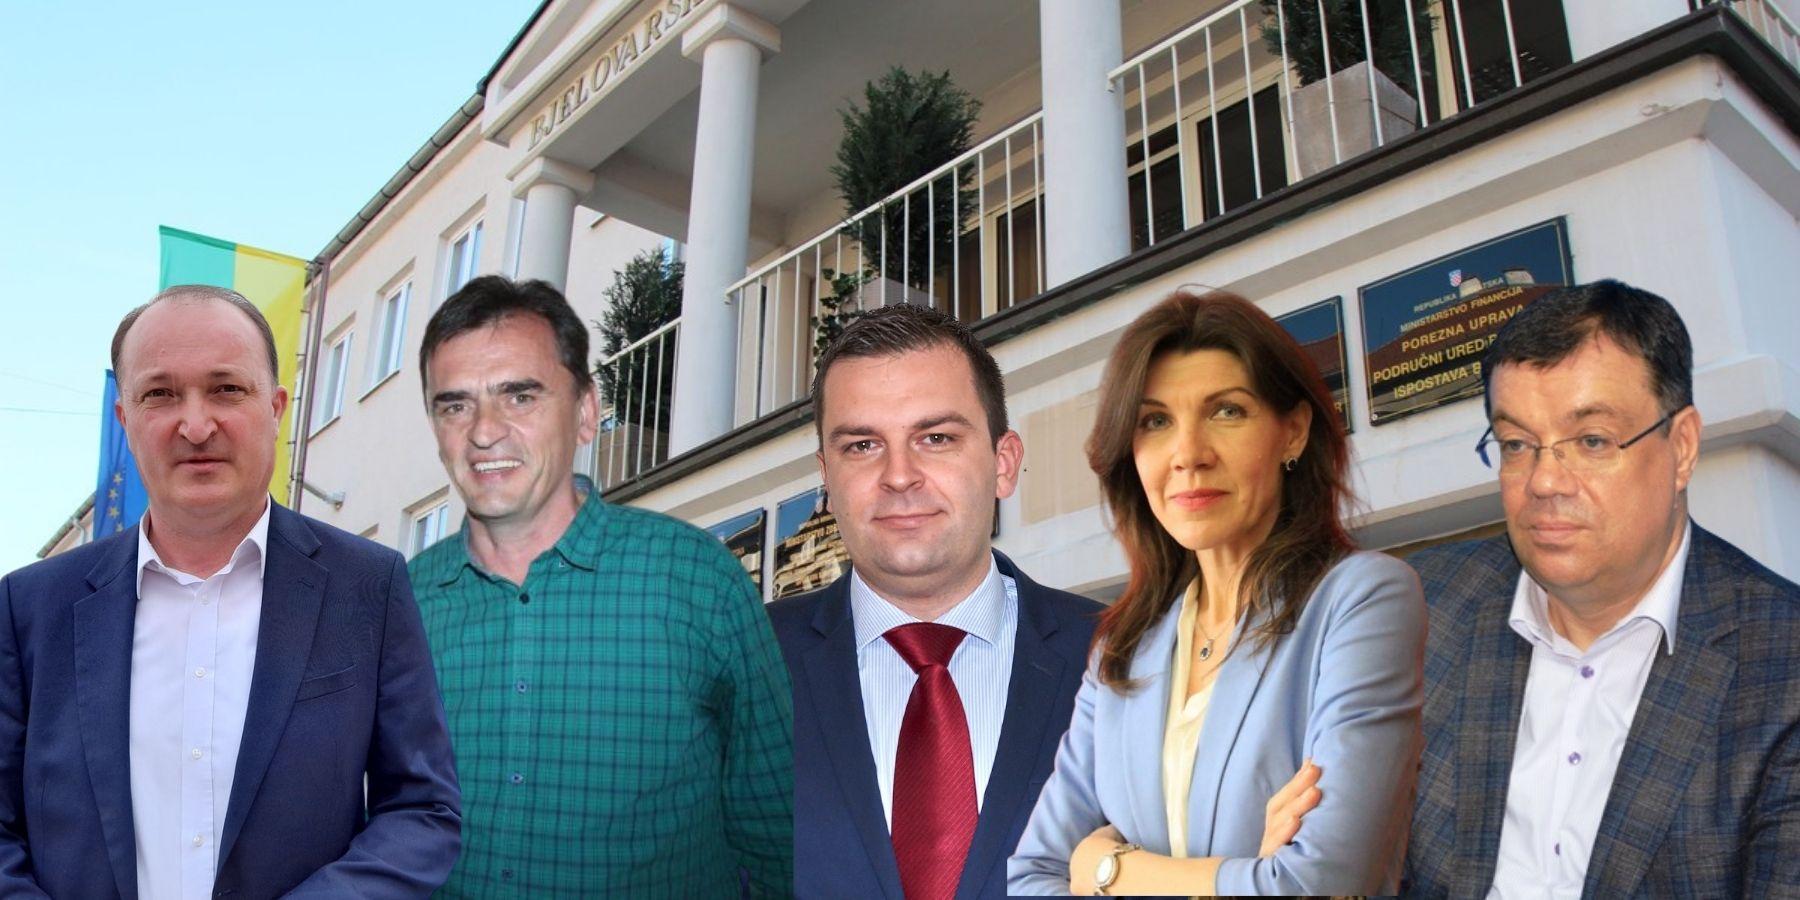 Hrebak krenuo u osvajanje županije, Marušić novo lice, Bajs izgubio više od 6 tisuća glasova!